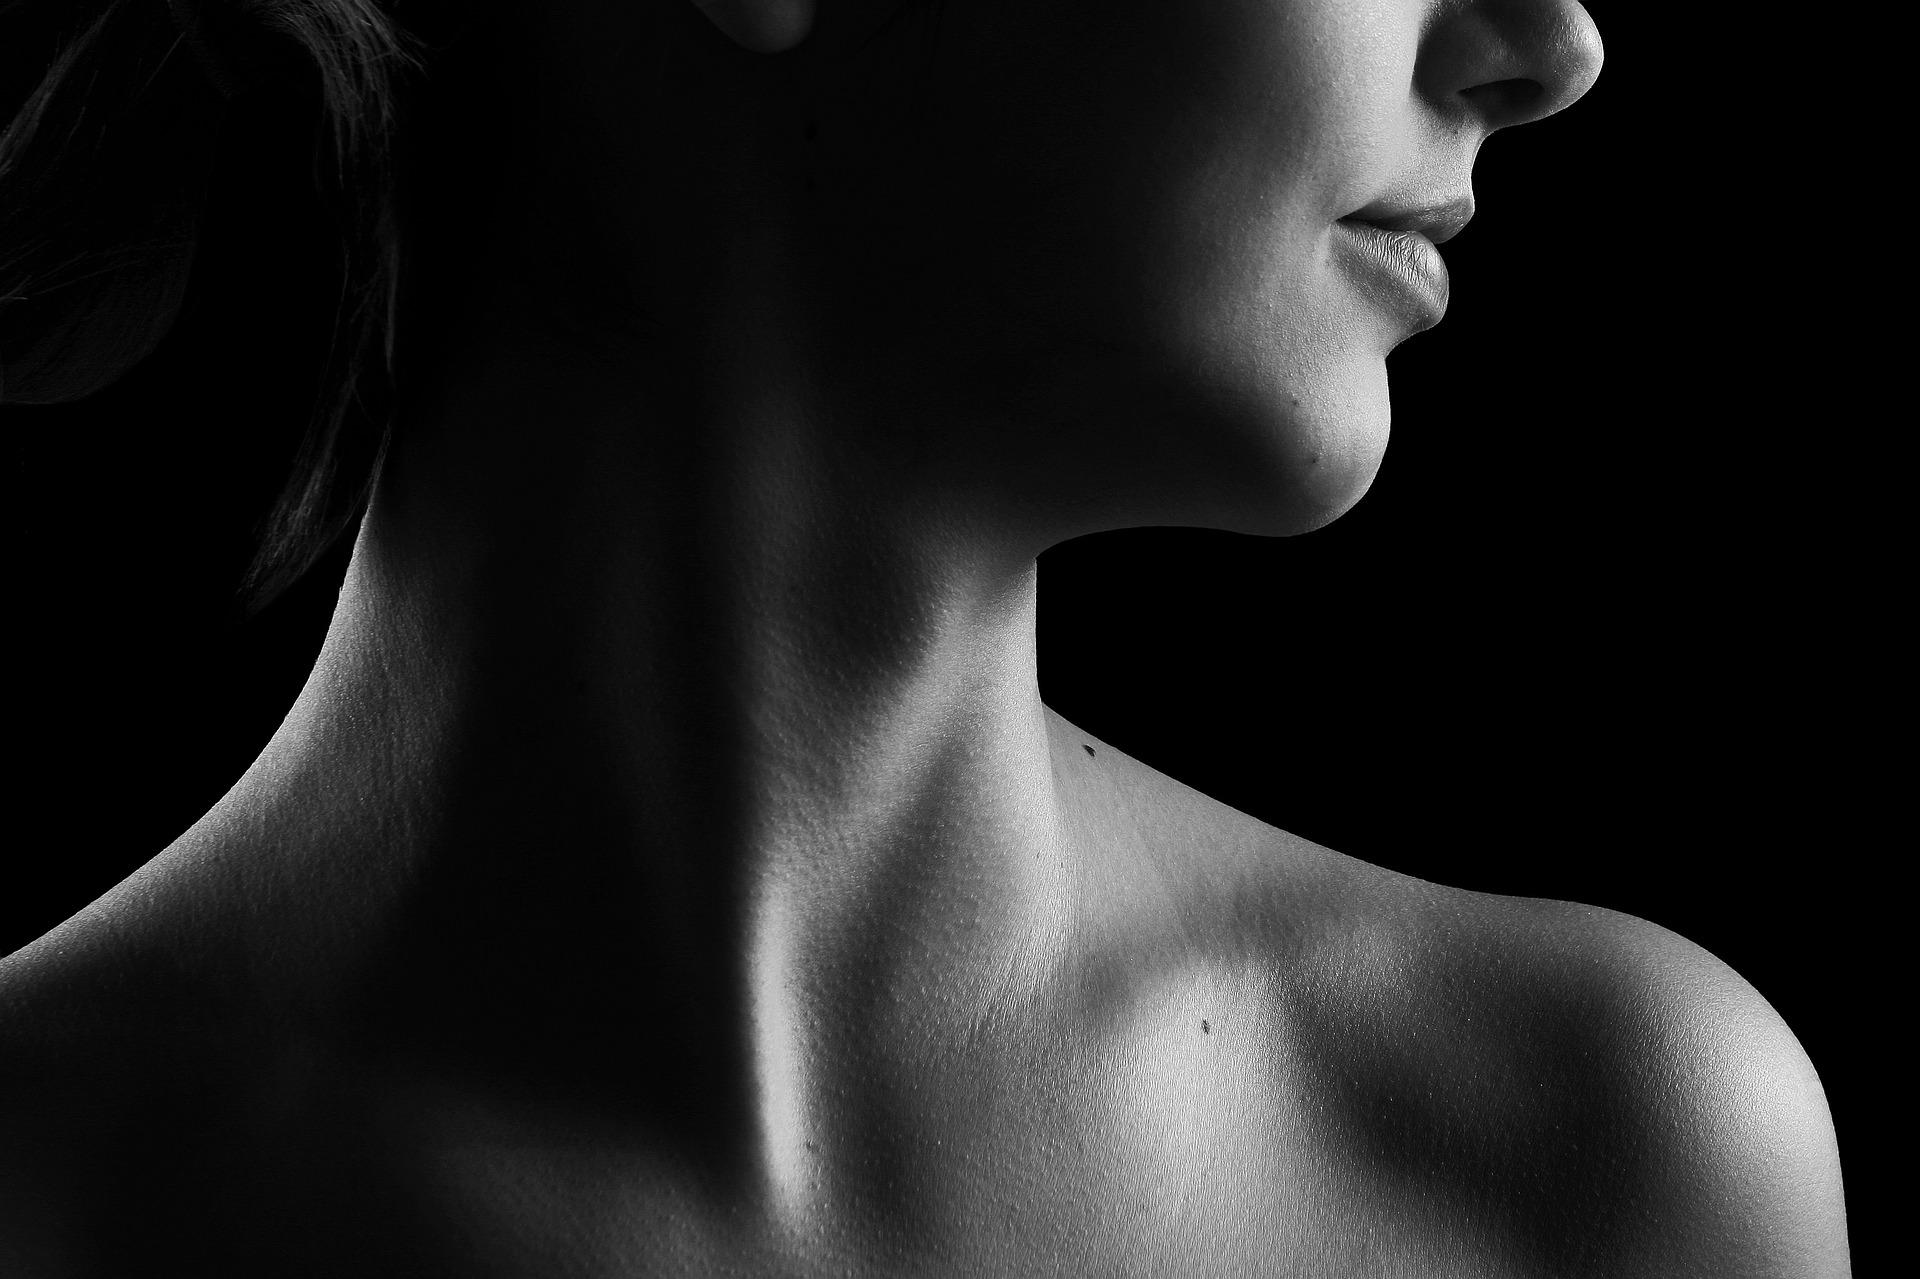 Tiroida după sarcină. De ce este bine să faci un control endocrinologic după naștere?